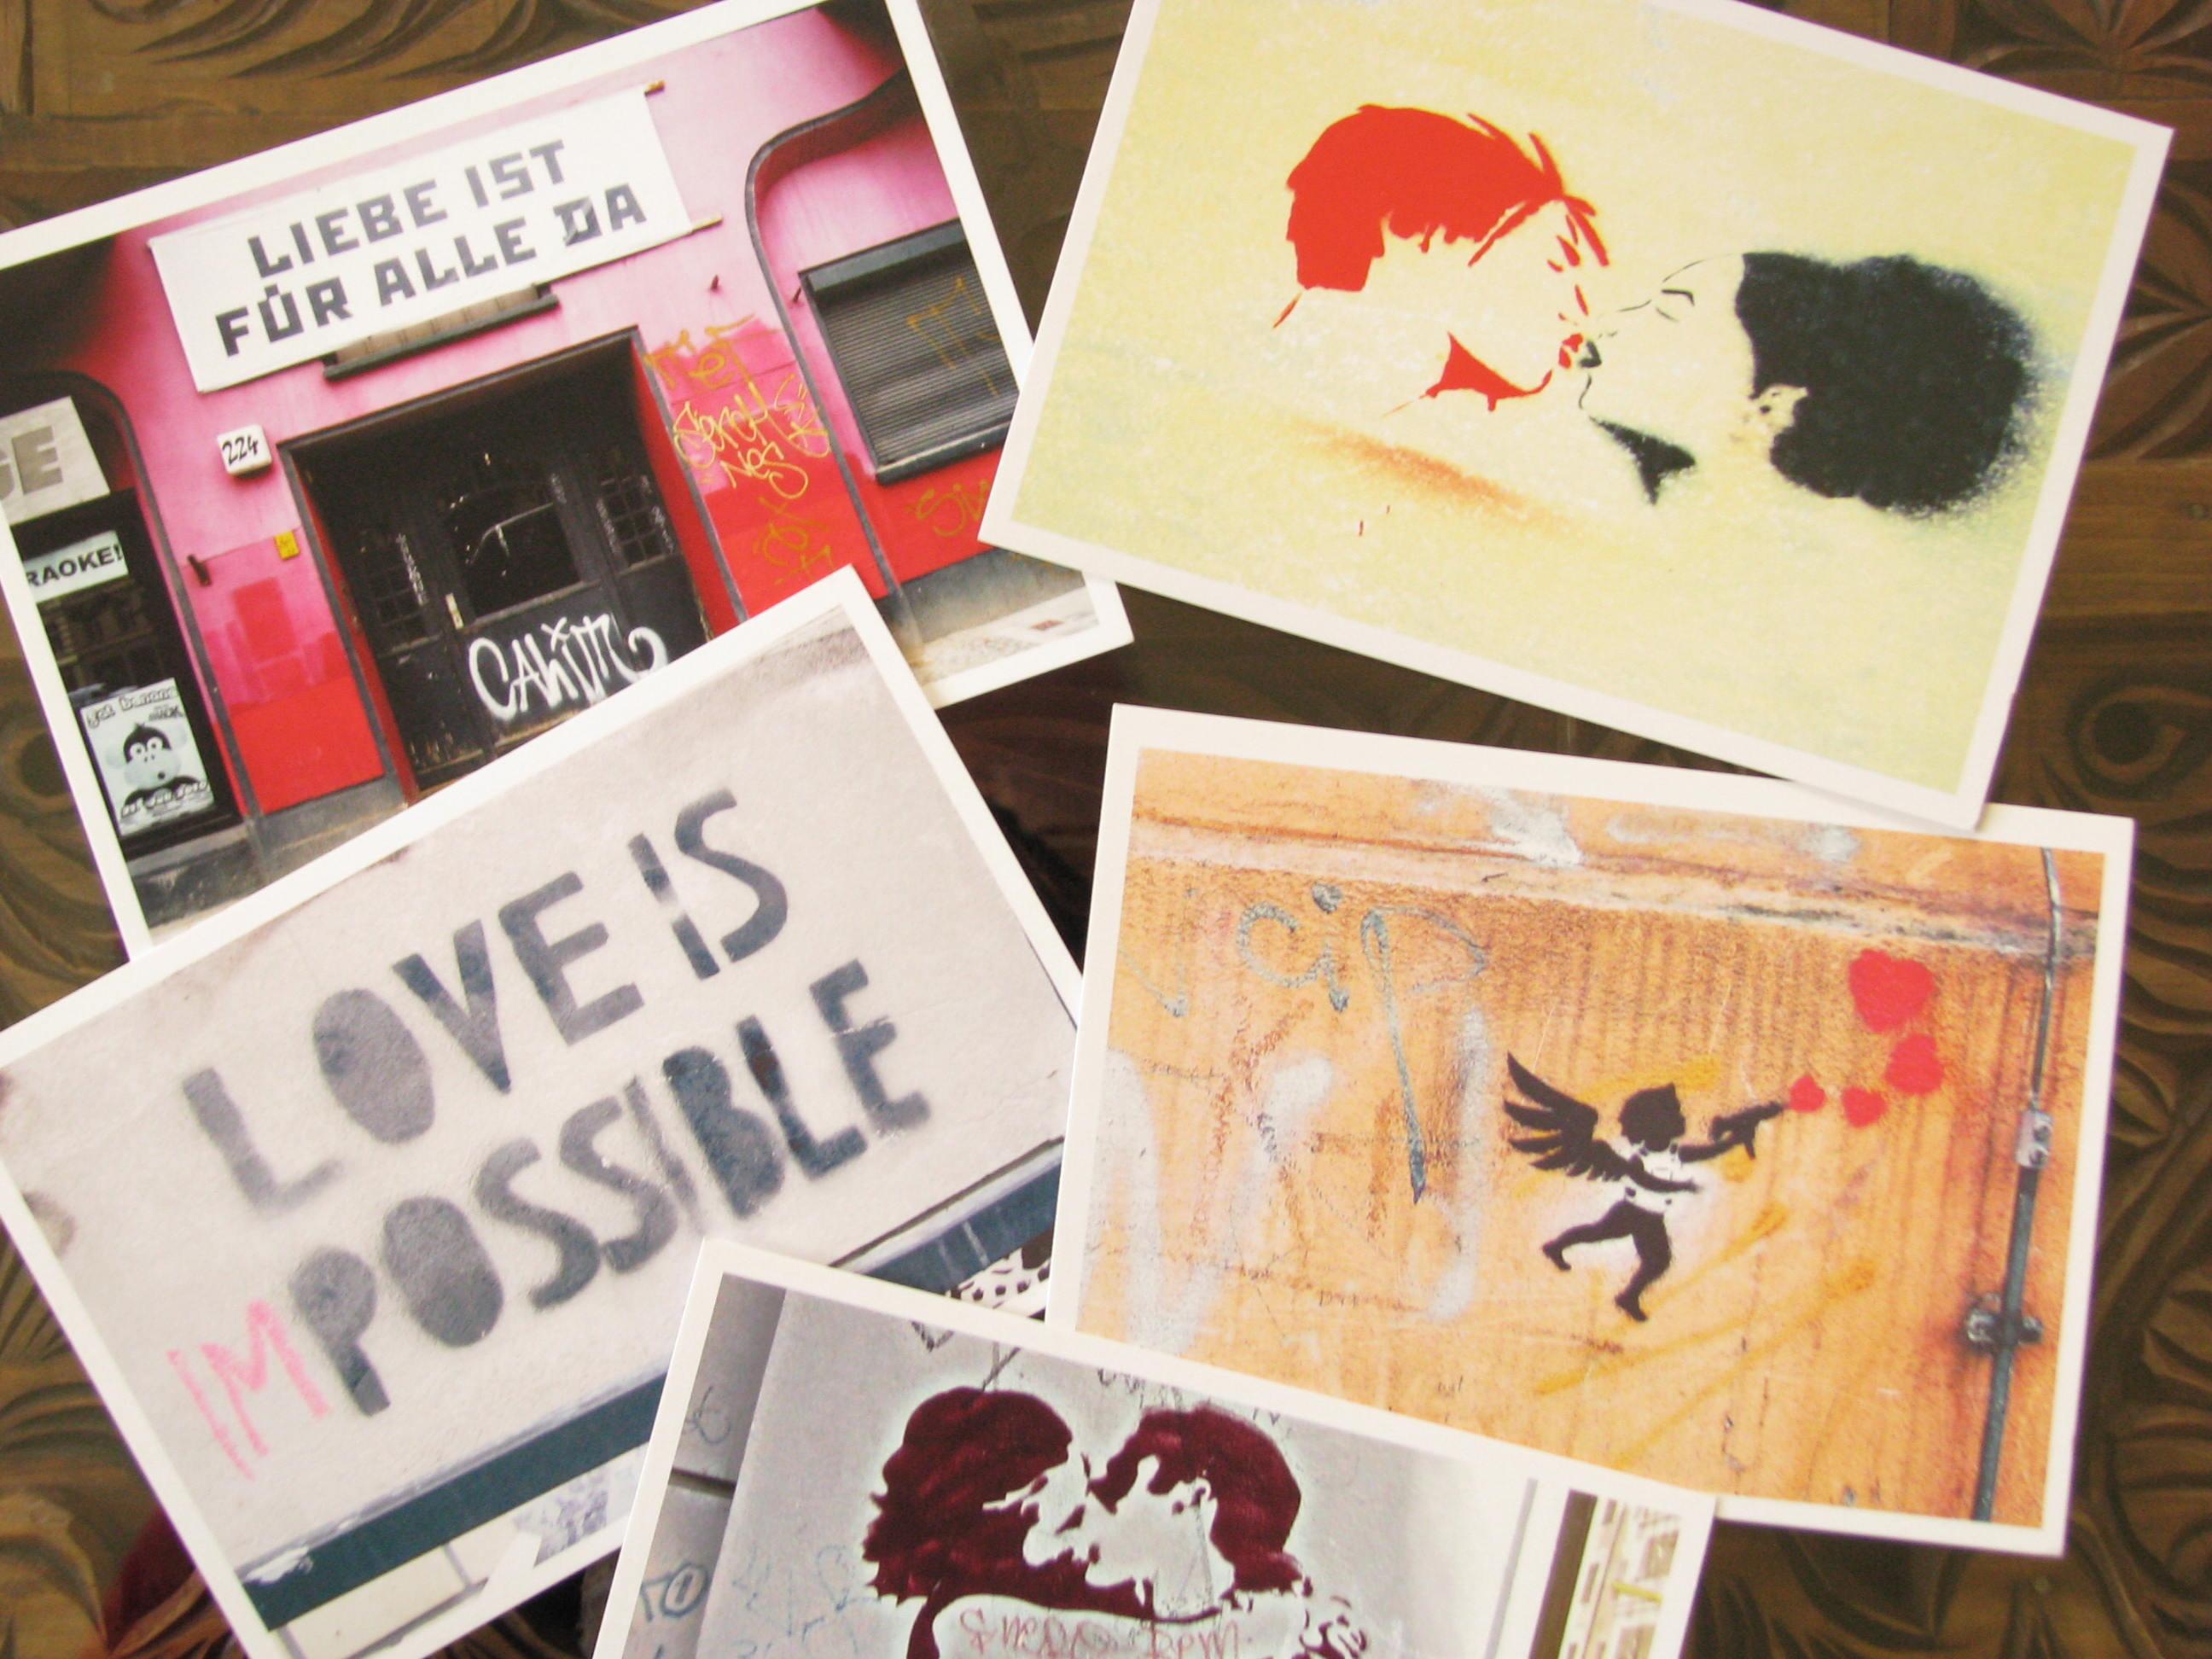 Annblick - art postcards - graffiti - street art - Berlin art